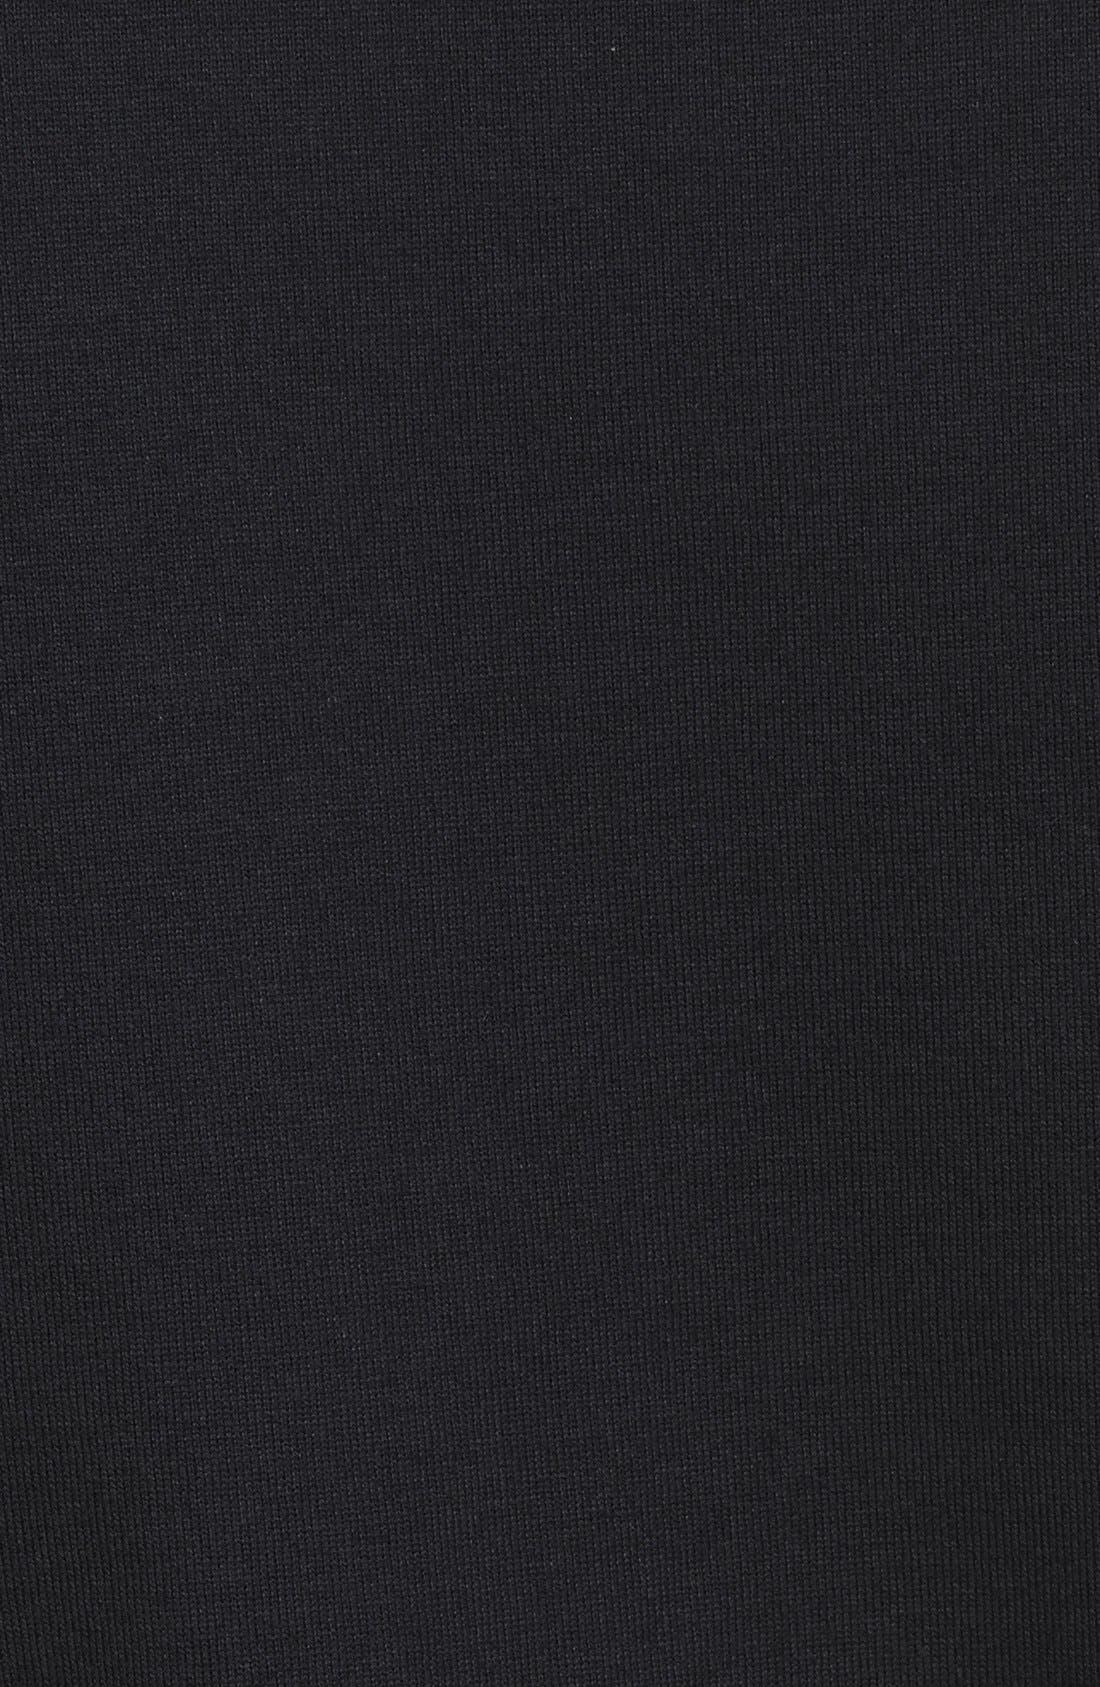 Comme des Garçons PLAY Crewneck T-Shirt,                             Alternate thumbnail 5, color,                             Black